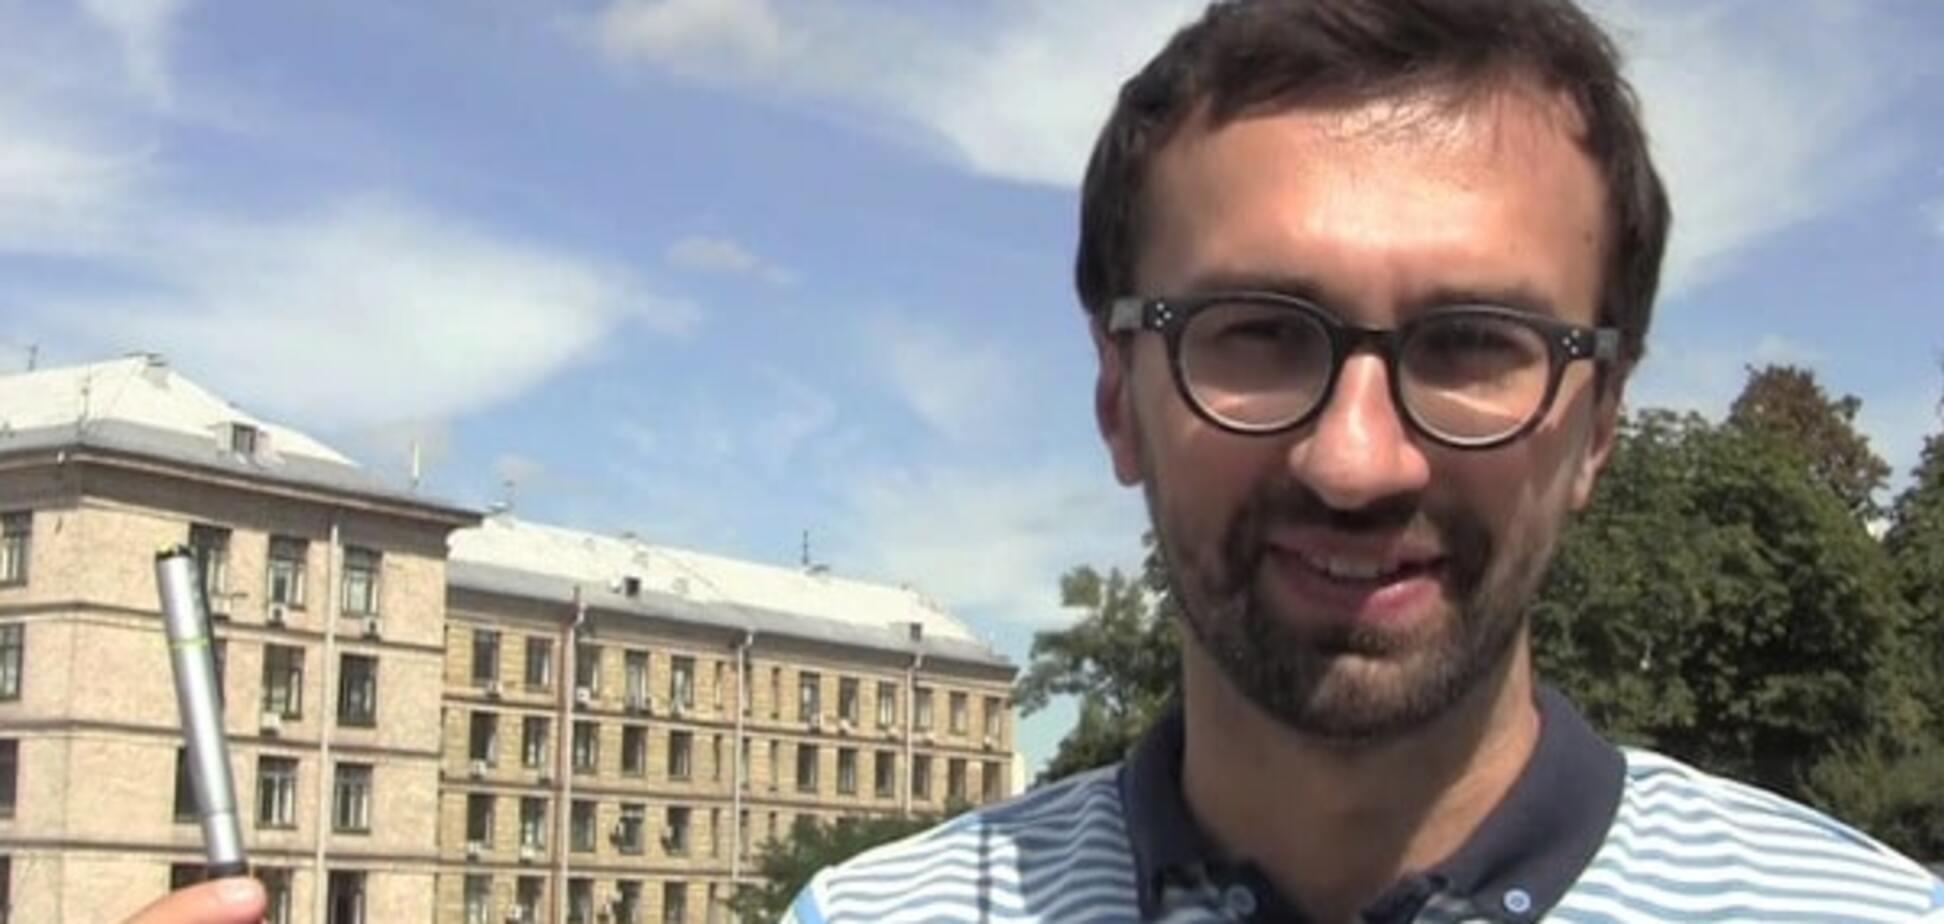 Лещенко зізнався, що на кулівлю квартири його підштовхнуло вбивство Шеремета